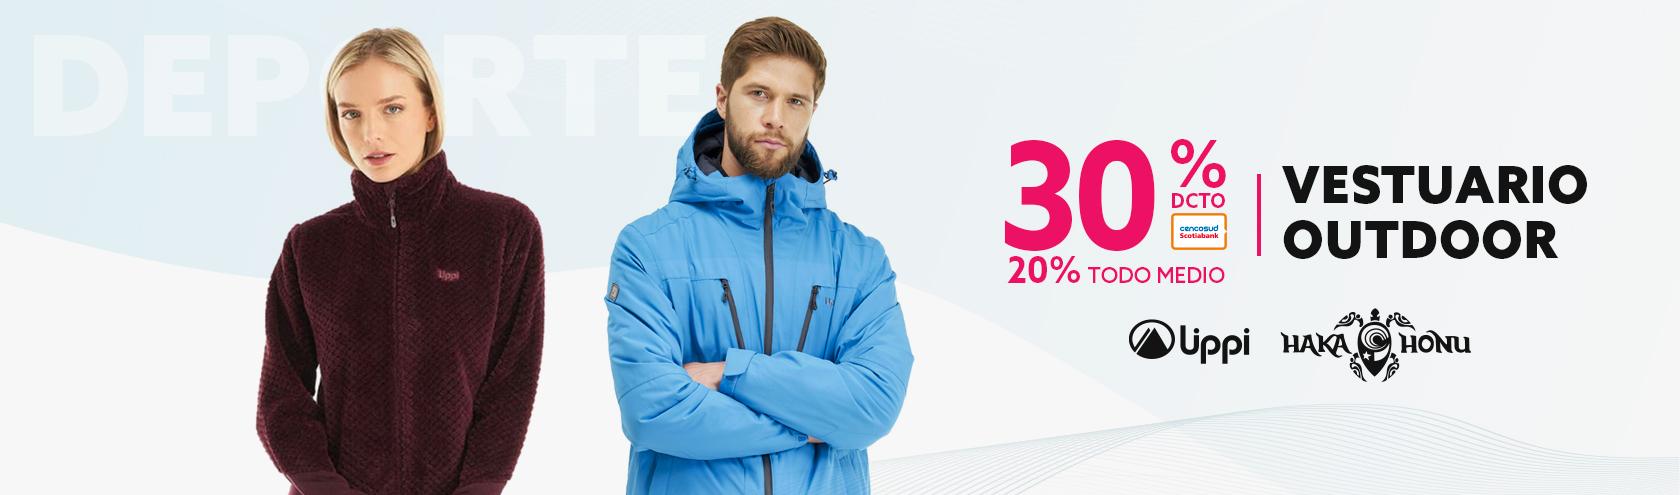 30% de descuento con tarjeta de credito y 20% de descuento todo medio de pago en vestuario outdoor